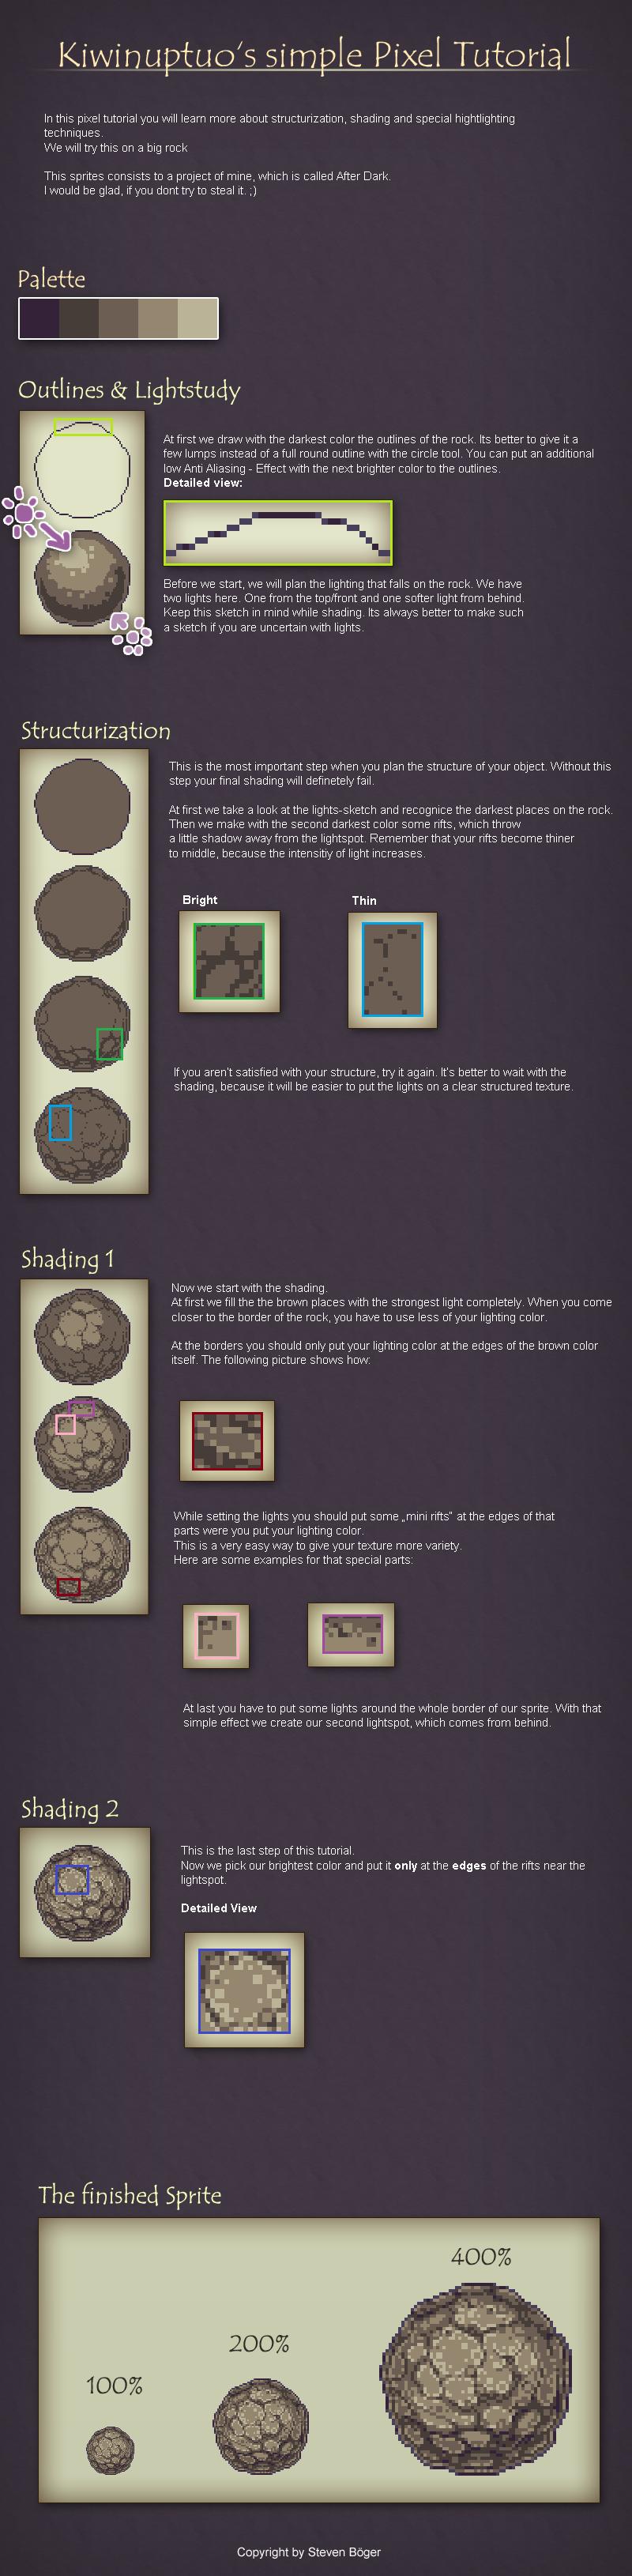 Pixel Art shading a rock